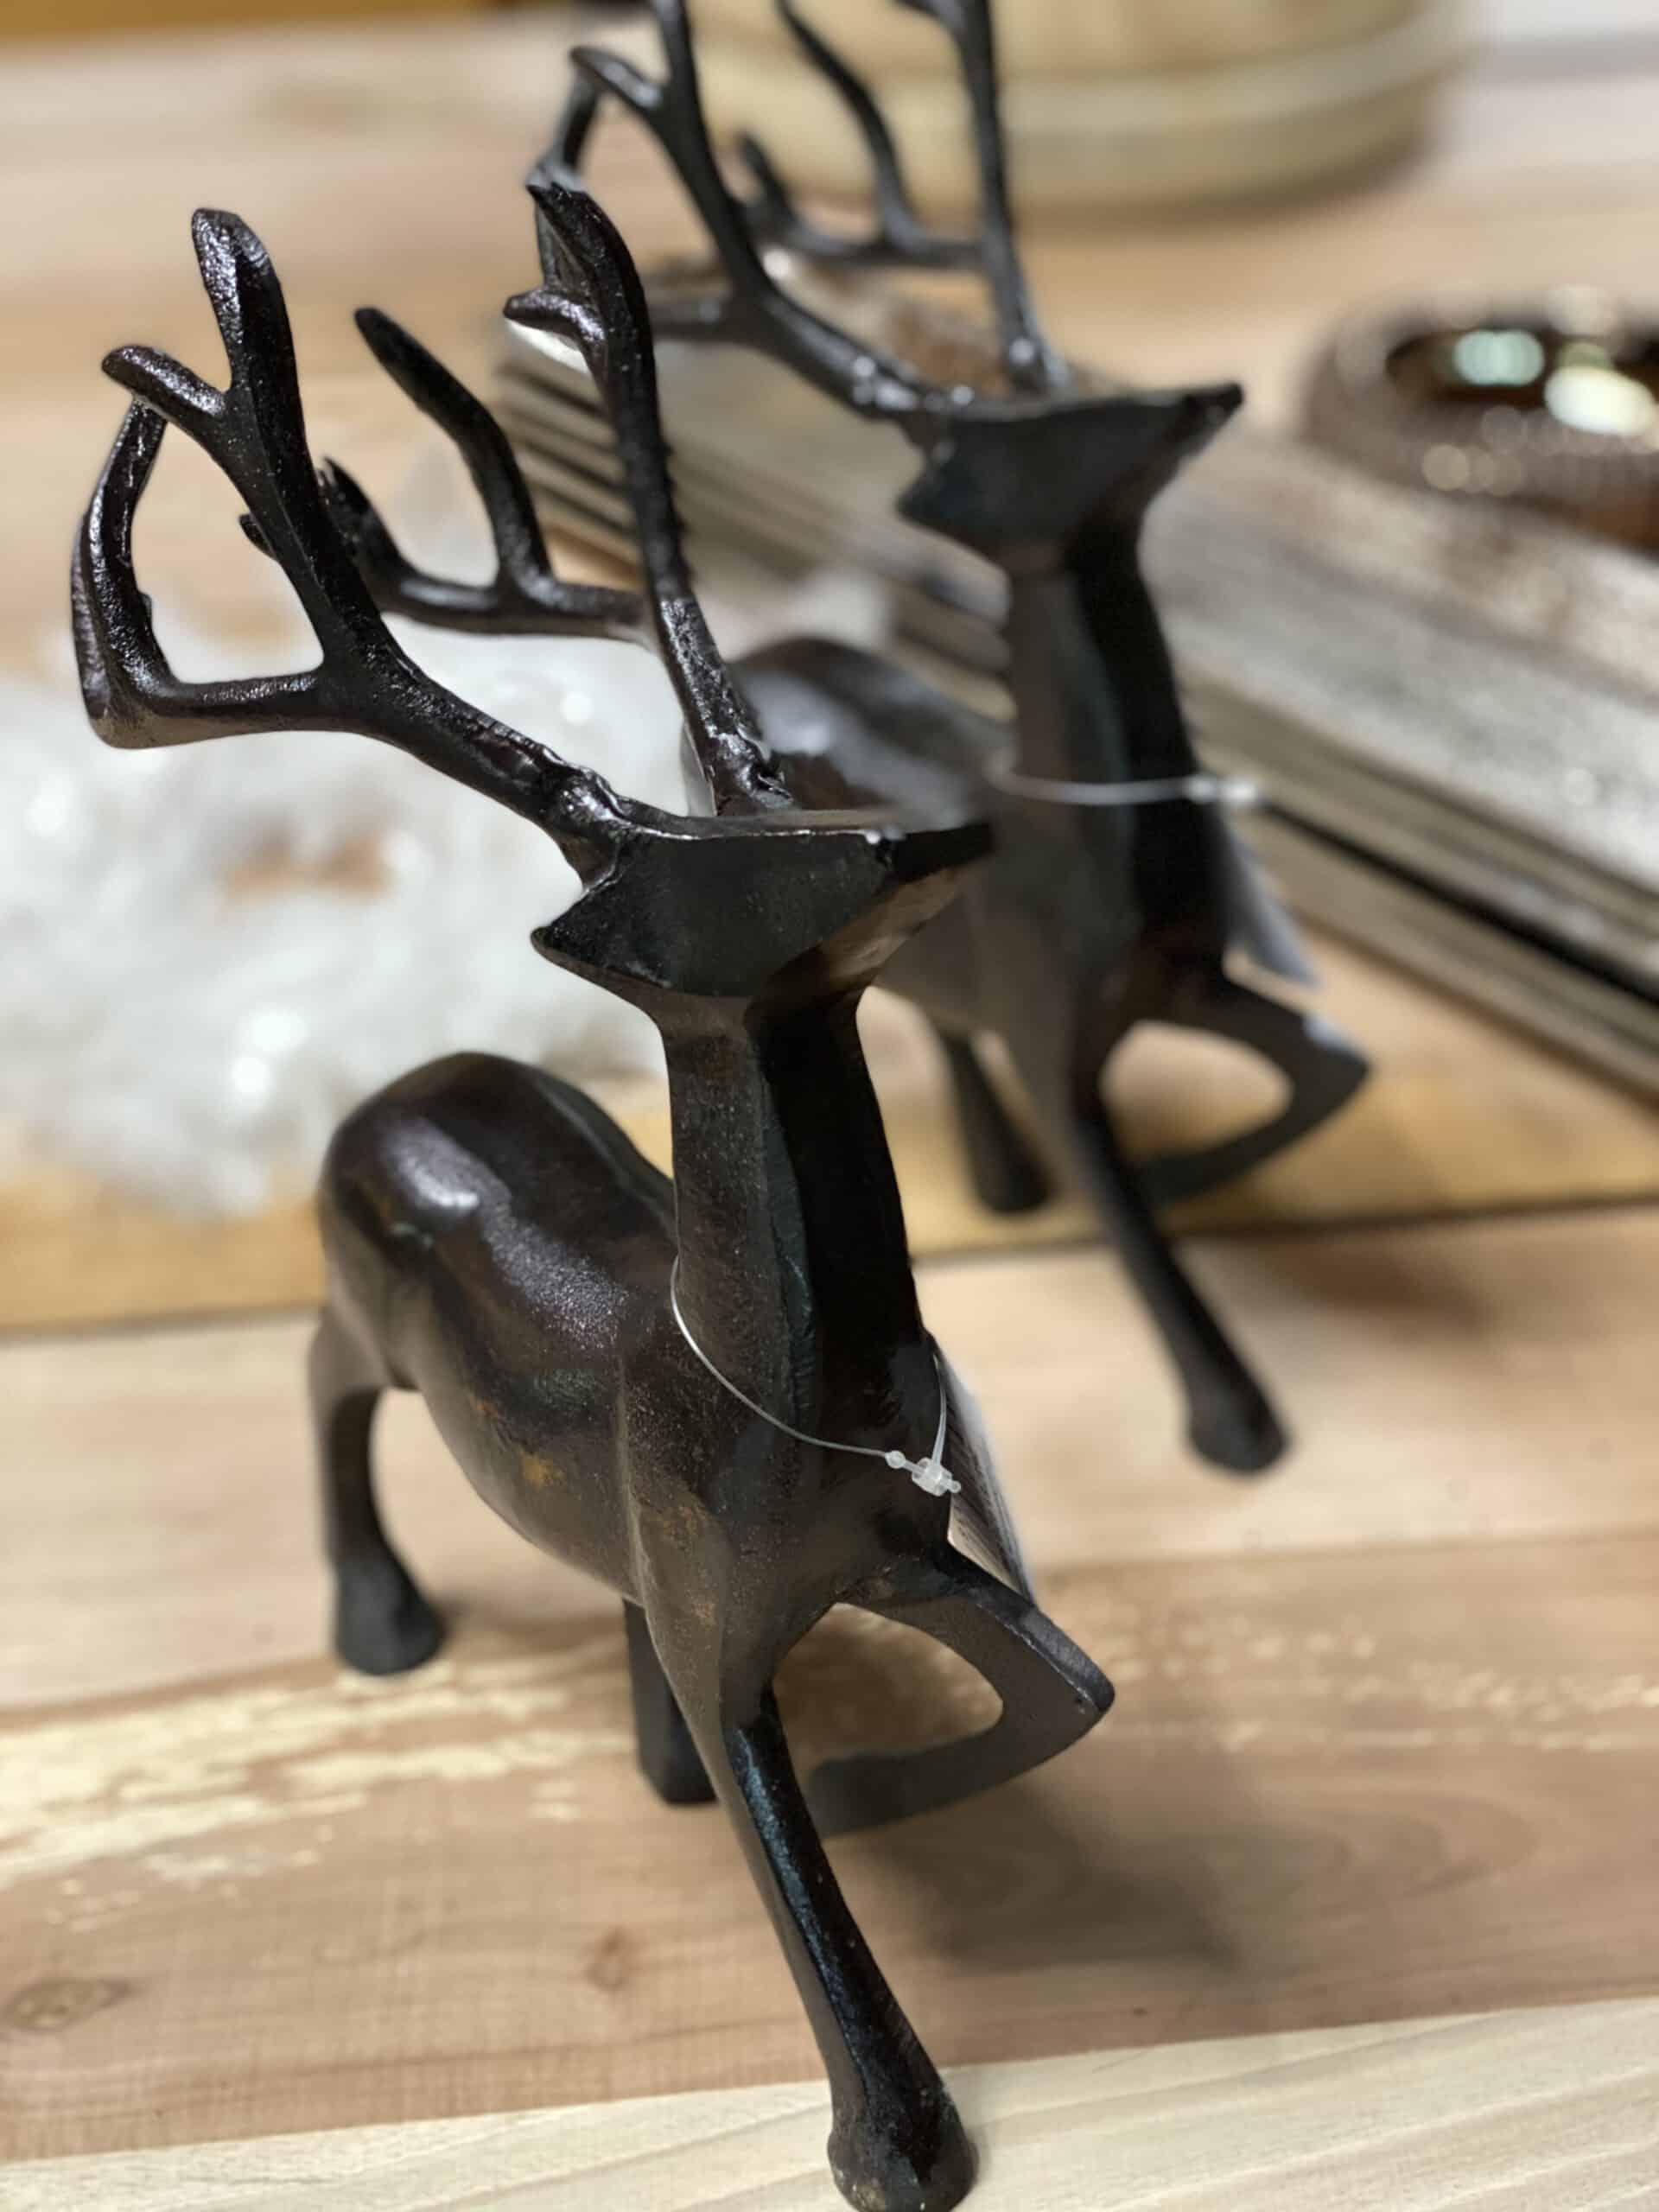 Weihnachtsdeko 2021 Deko Rentier in schwarz aluguss poliert von Schmidt (Art.: 268781022838 ) auf Walnuss Holzbrett bei Gartenglück und Blütenkunst in Pörnbach